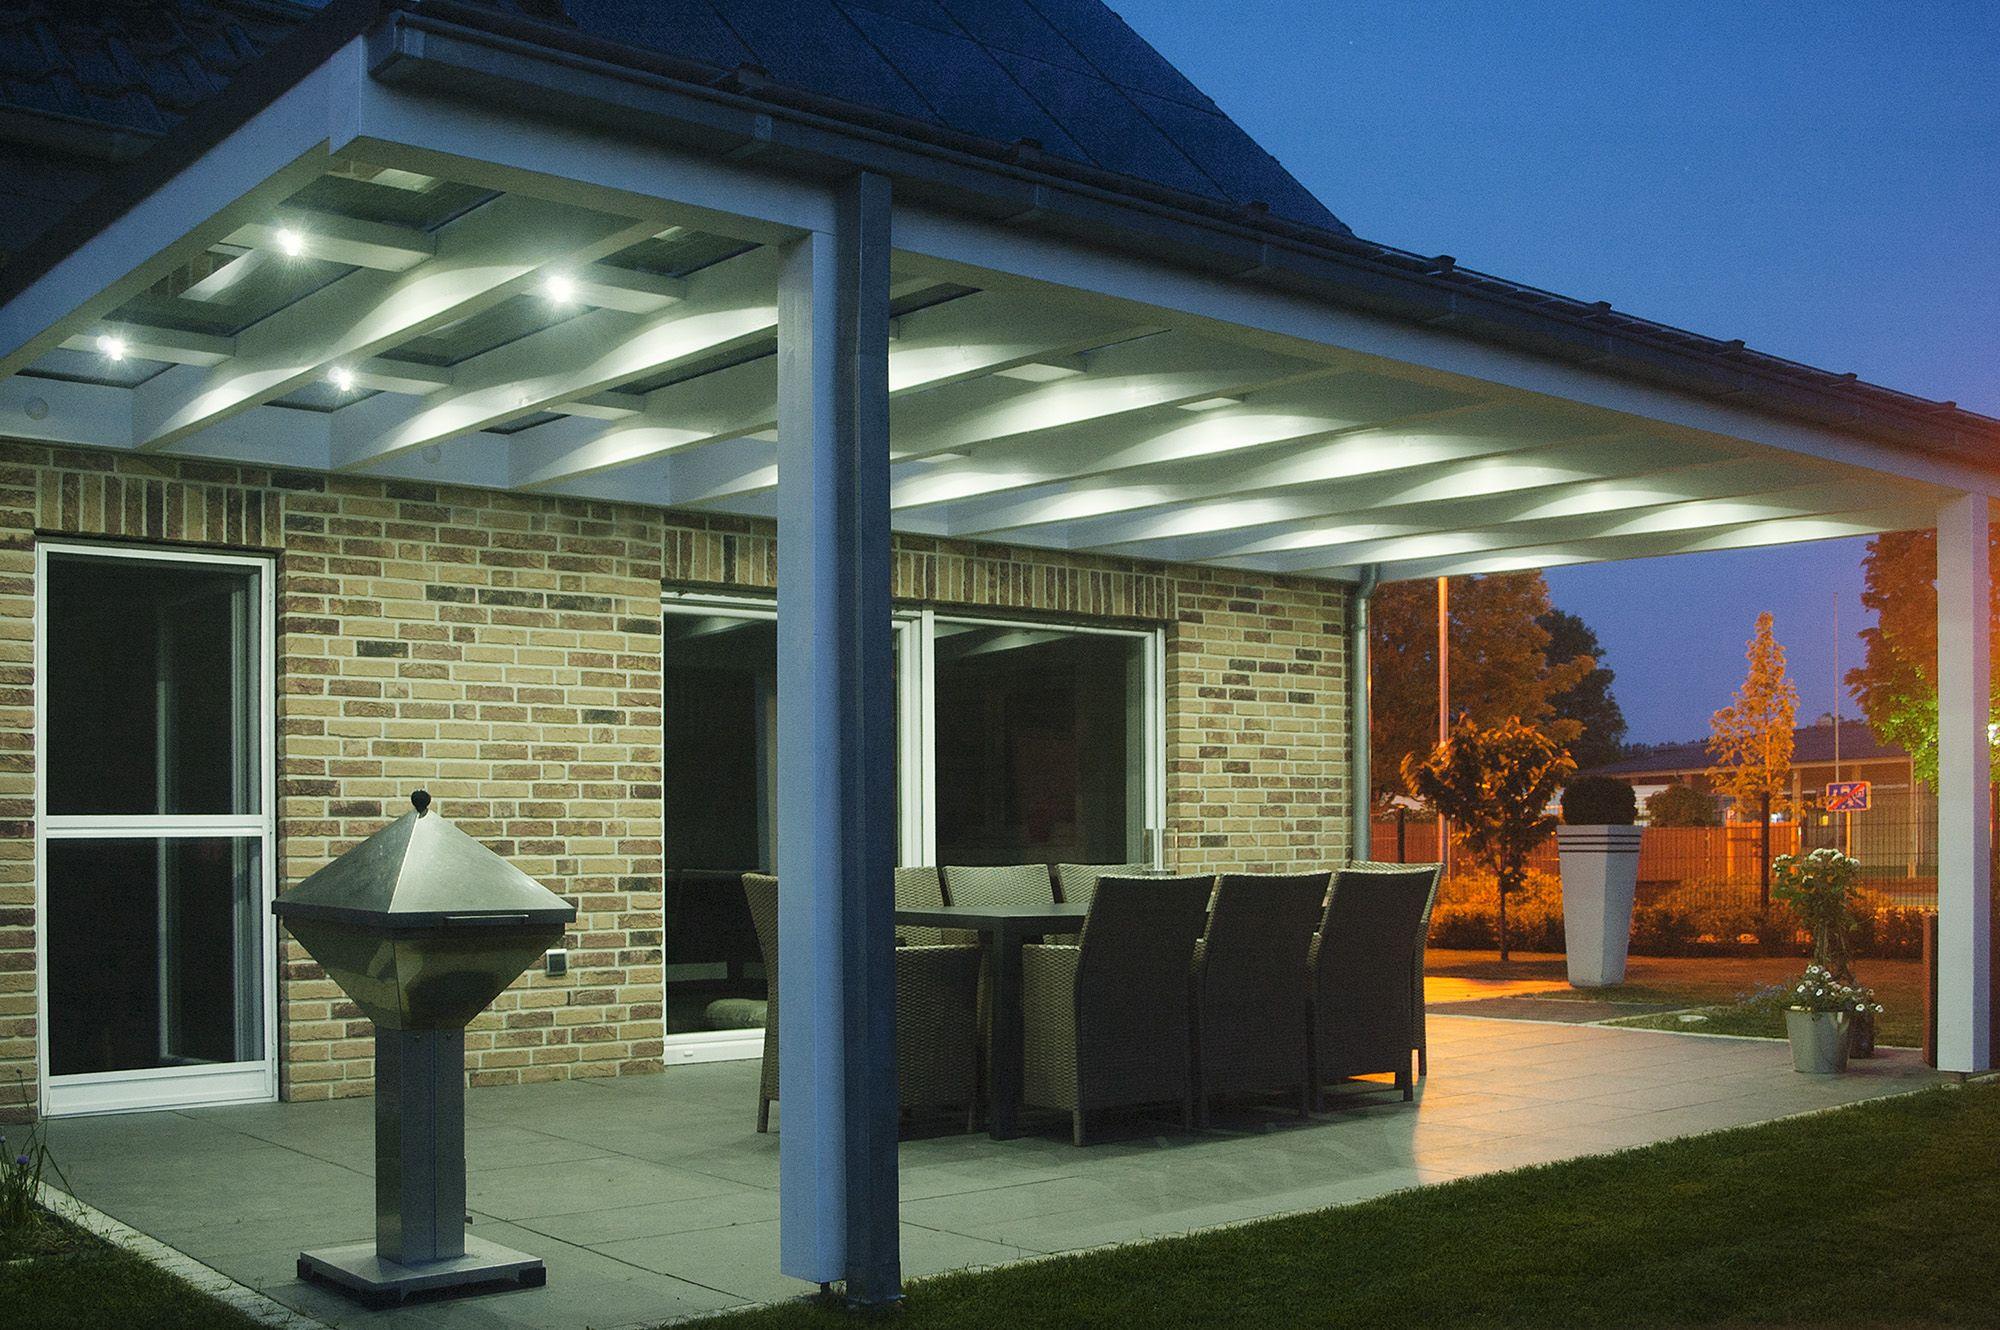 Erleben Sie Unsere Solarcarporte Und Solarterassen In Bildern Schauen Sie Sich Hier Unsere Premium Carports Terrassen Dach Terrassendach Uberdachung Terrasse